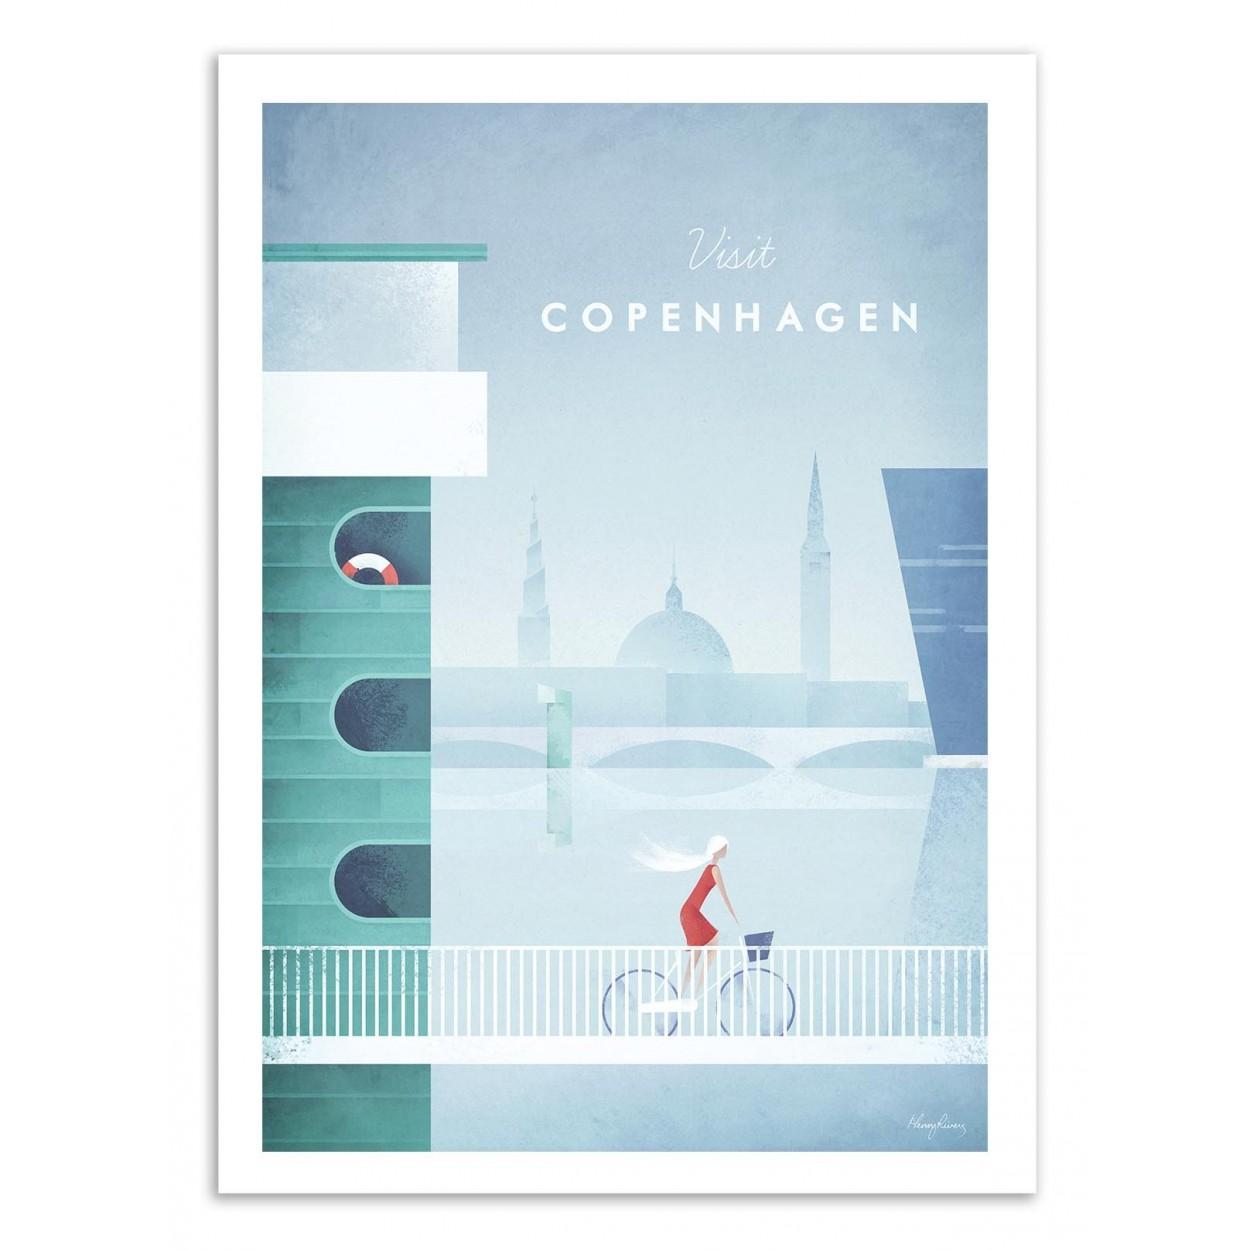 VISIT COPENHAGEN -  Affiche d'art 50 x 70 cm